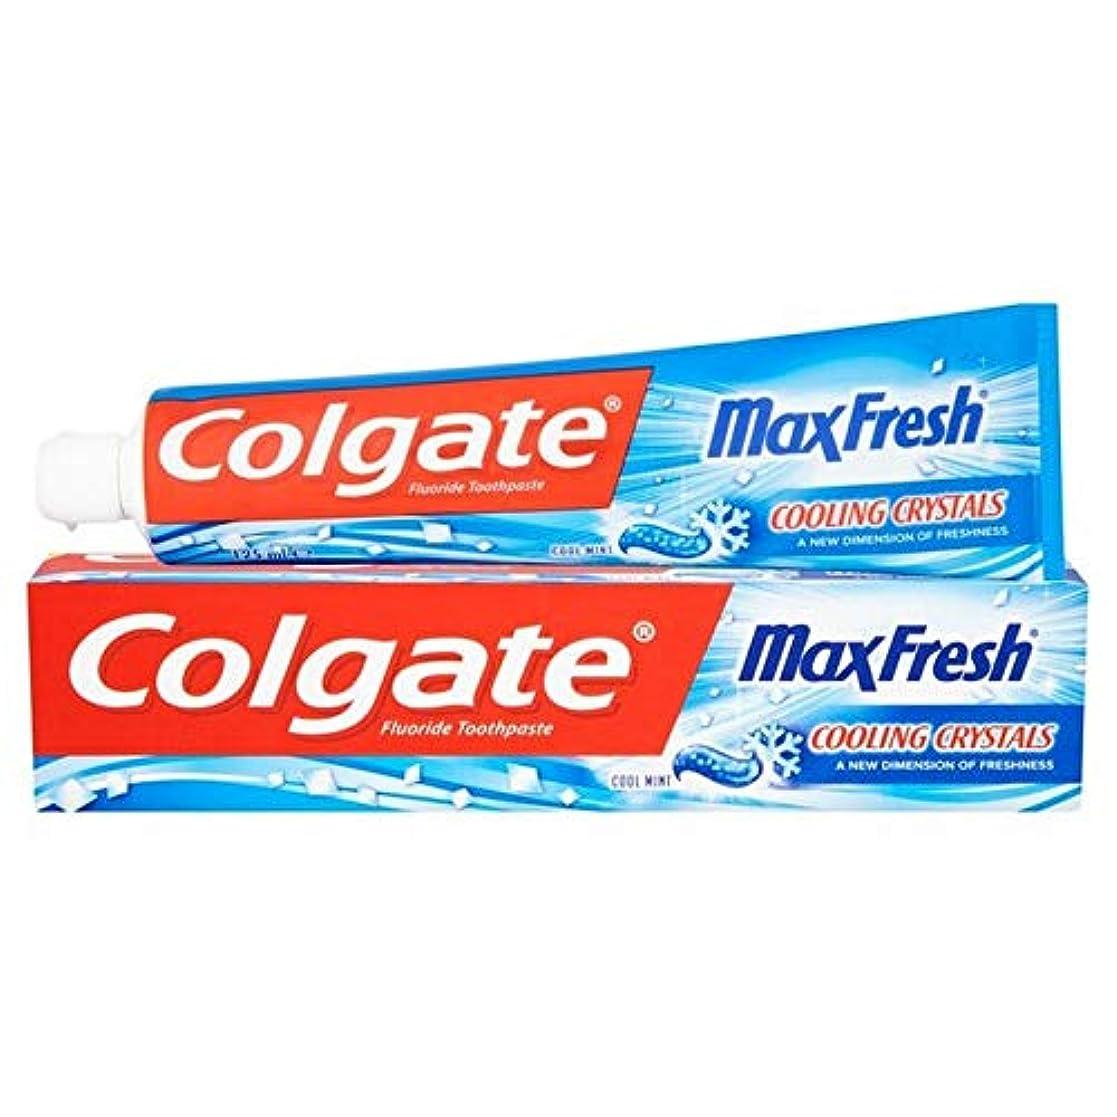 防止単調な日帰り旅行に[Colgate ] 冷却結晶歯磨き粉の125ミリリットル新鮮なコルゲートマックス - Colgate Max Fresh with Cooling Crystals Toothpaste 125ml [並行輸入品]